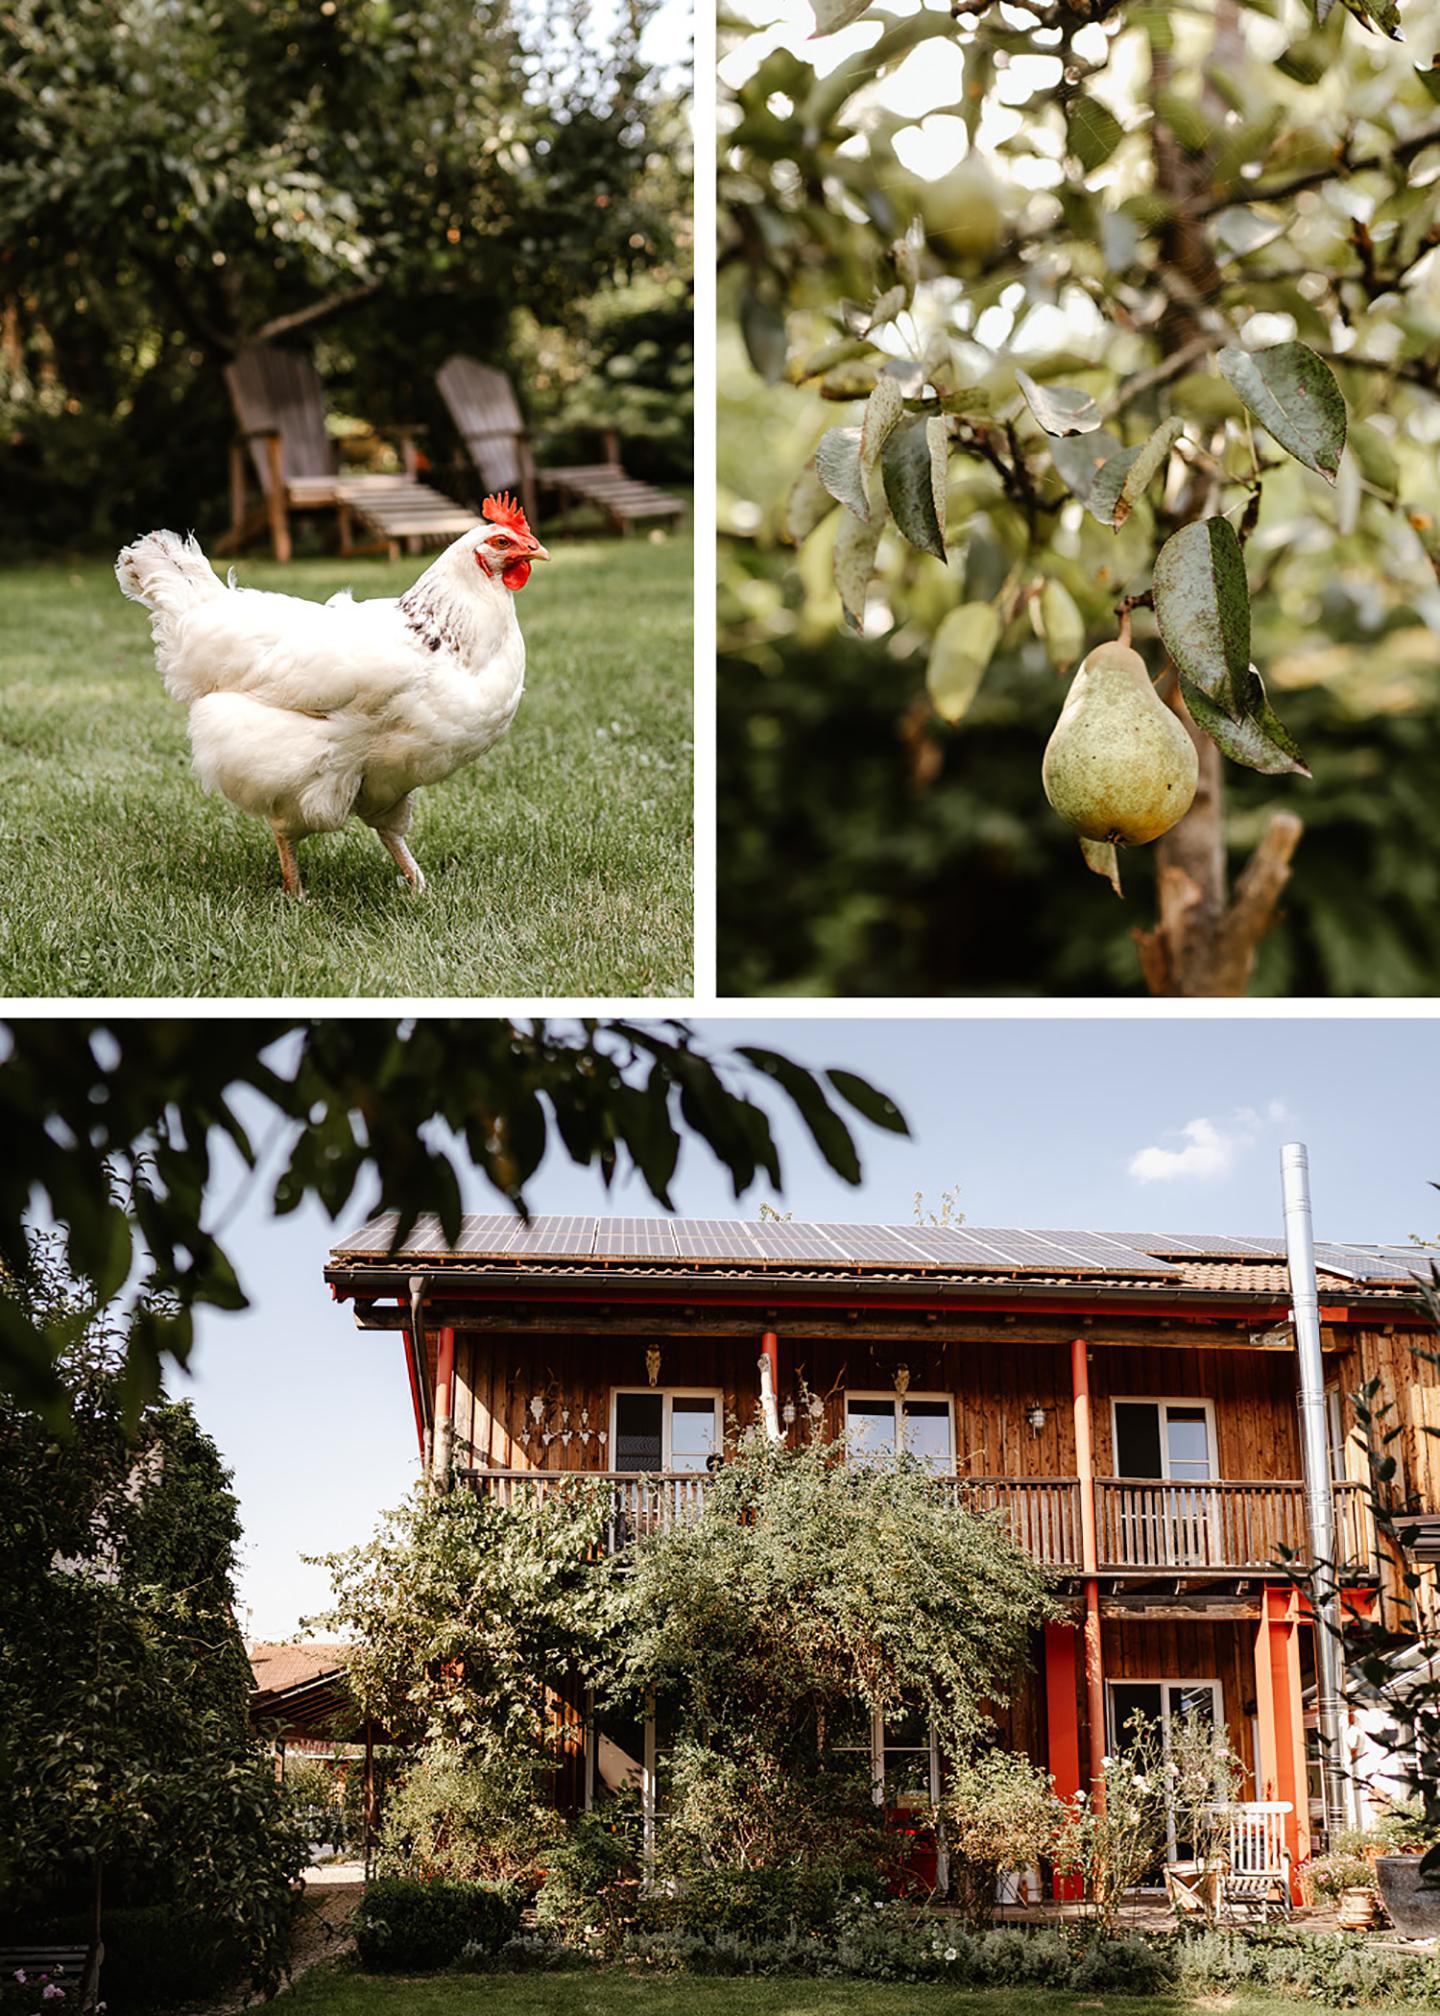 Das Haus auf dem Grundstück, ein Huhn sowie ein Birnenbaum werden gezeigt.